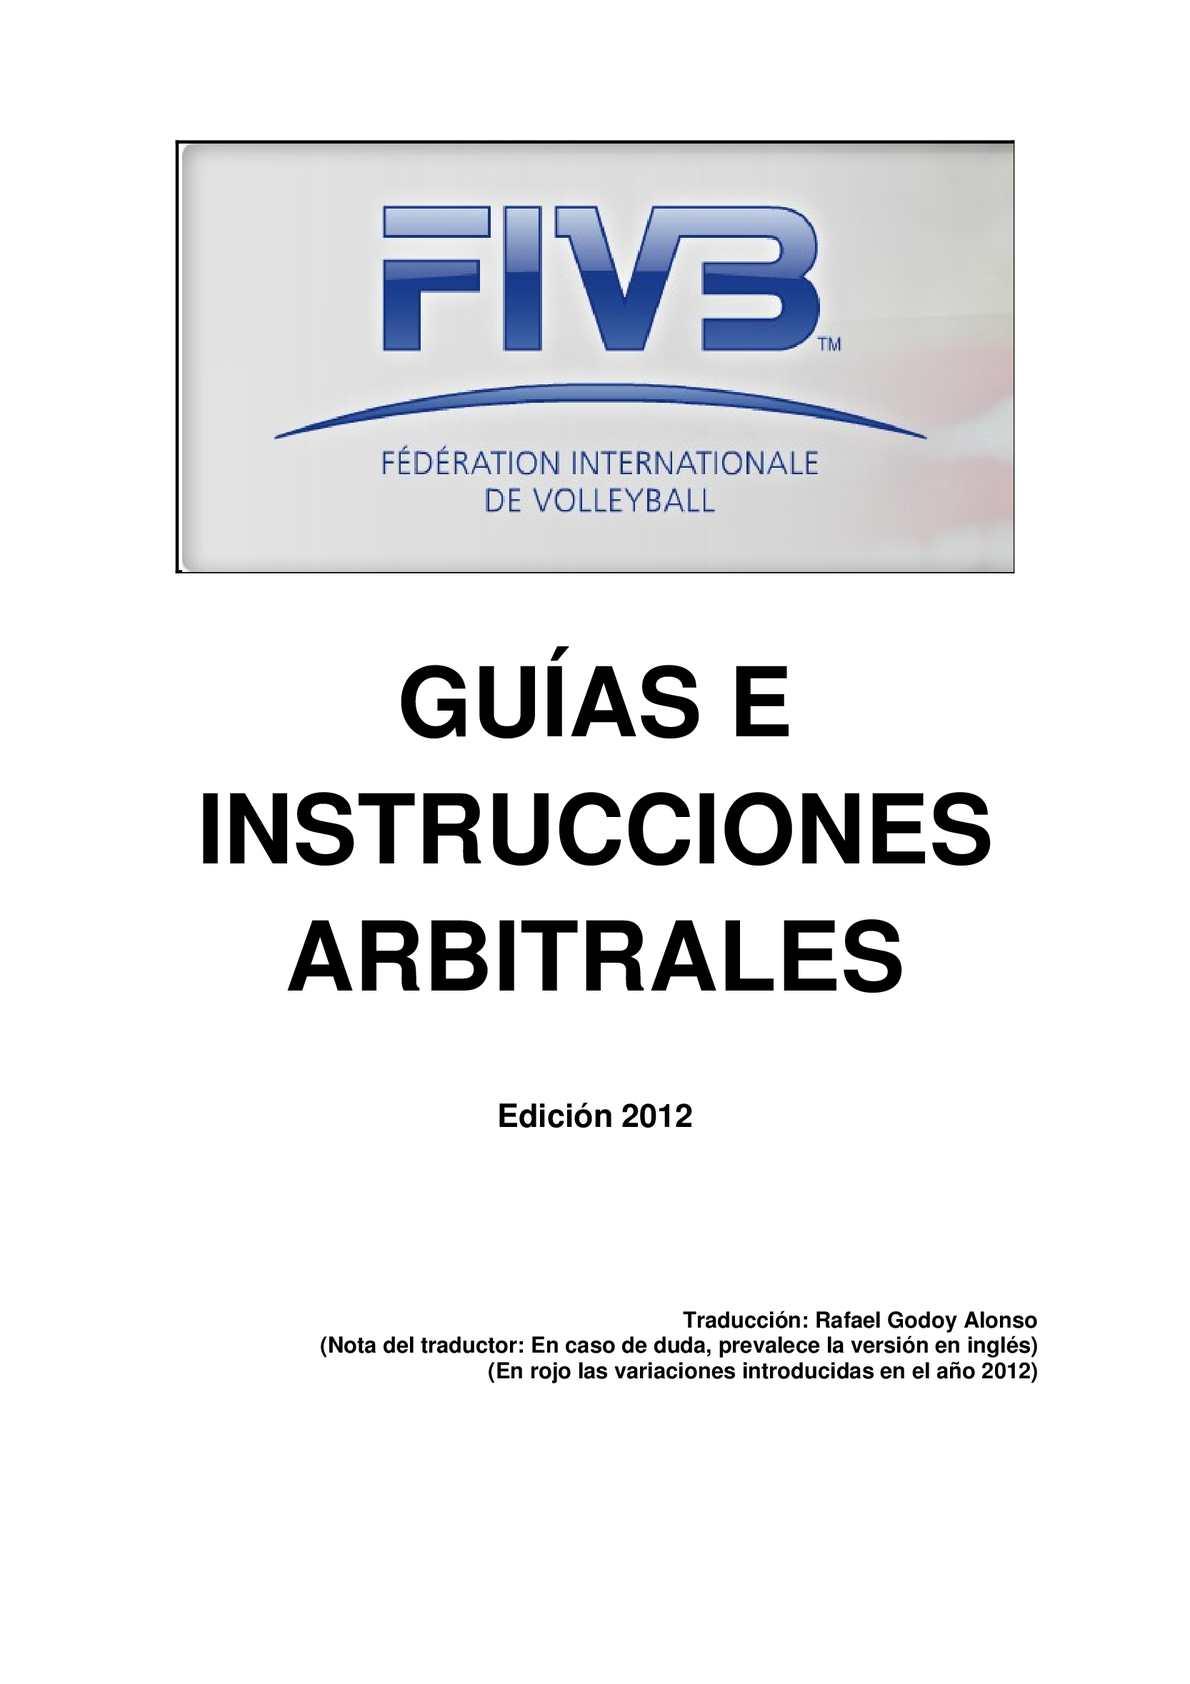 Calaméo - Guías e Instrucciones Arbitrales FIVB.- 2012